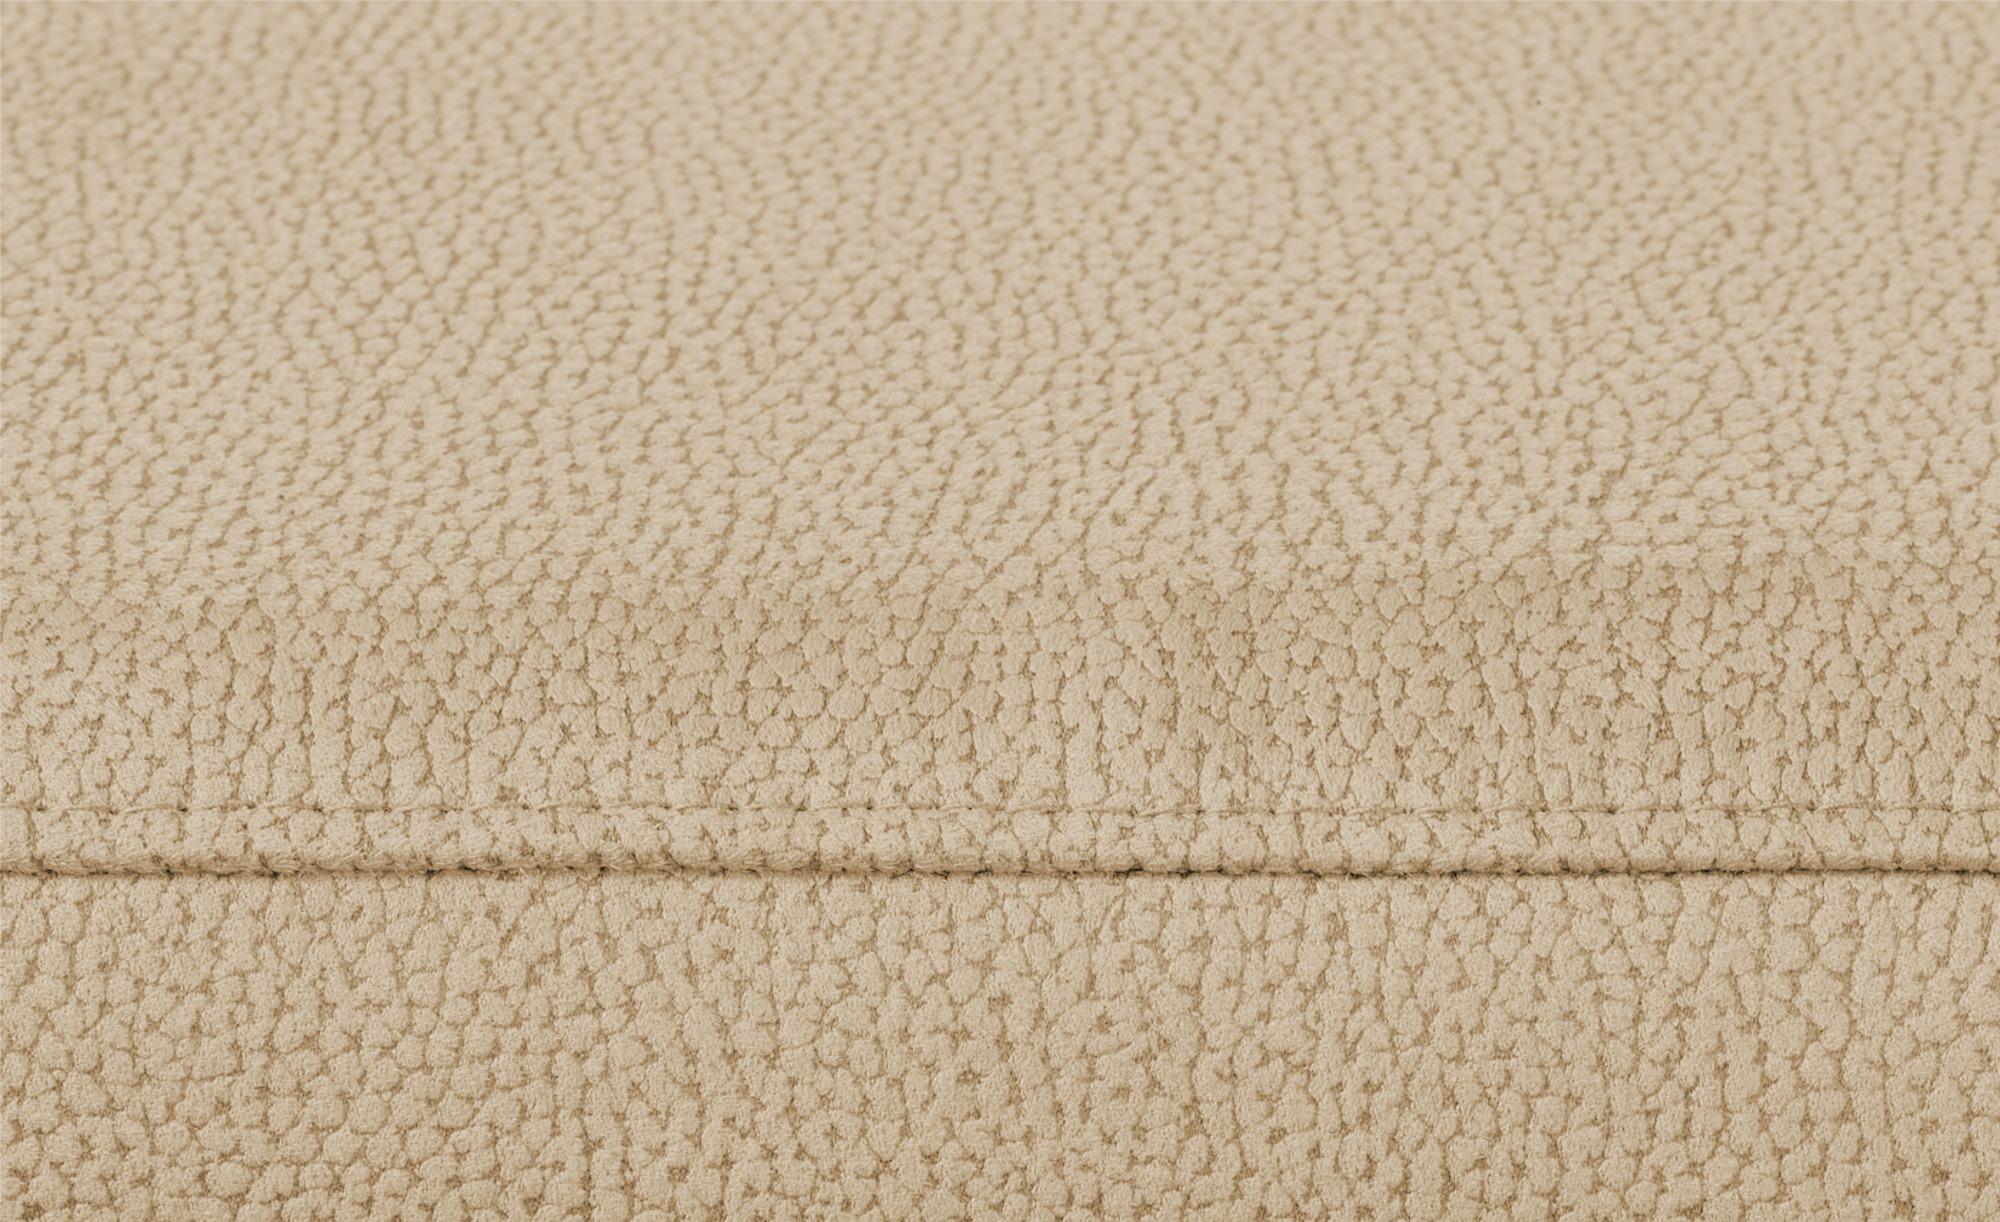 meinSofa Wohnlandschaft beige - Mikrofaser Rita ¦ beige ¦ Maße (cm): H: 91 Polstermöbel > Sofas > Wohnlandschaften - Höffner